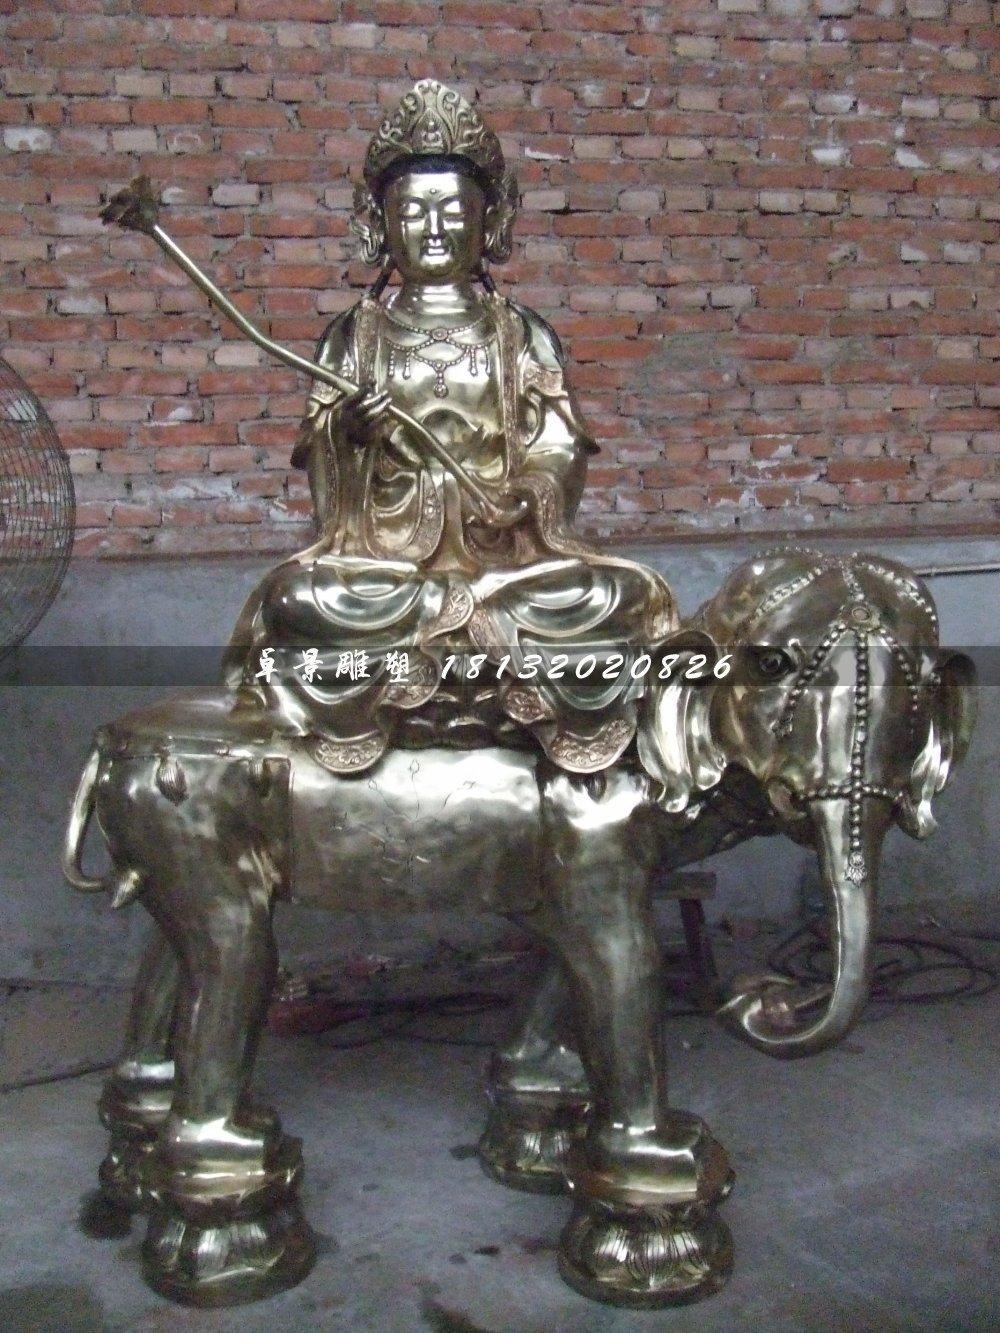 普贤菩萨铜雕,寺庙铜佛像